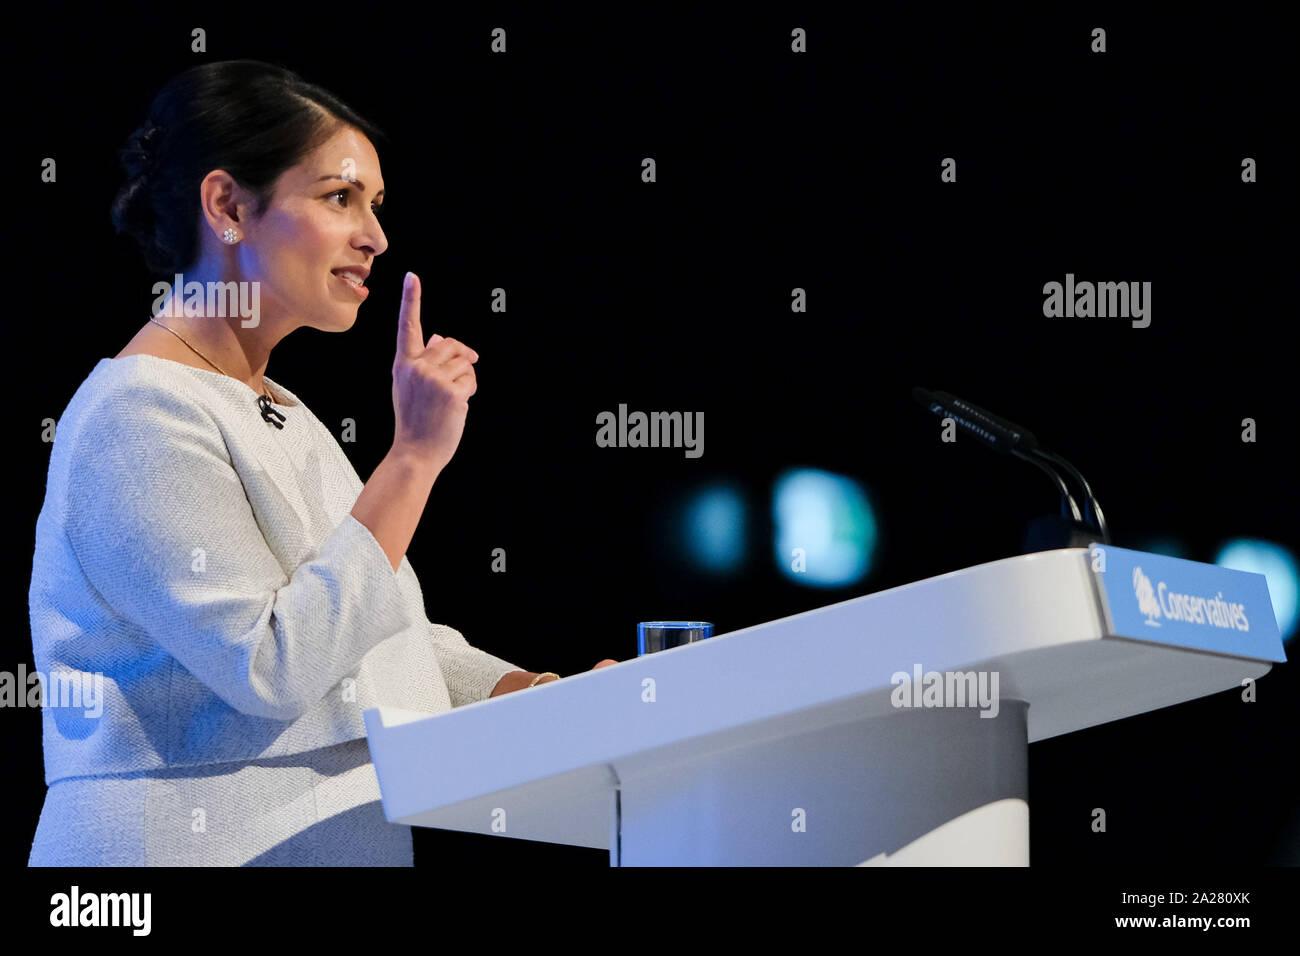 Centre de Manchester, Manchester, Royaume-Uni. 1 octobre 2019. Priti Patel, Ministre de l'intérieur traite de la Conférence d'automne du parti conservateur. . Photo par Julie Edwards./Alamy Live News Banque D'Images